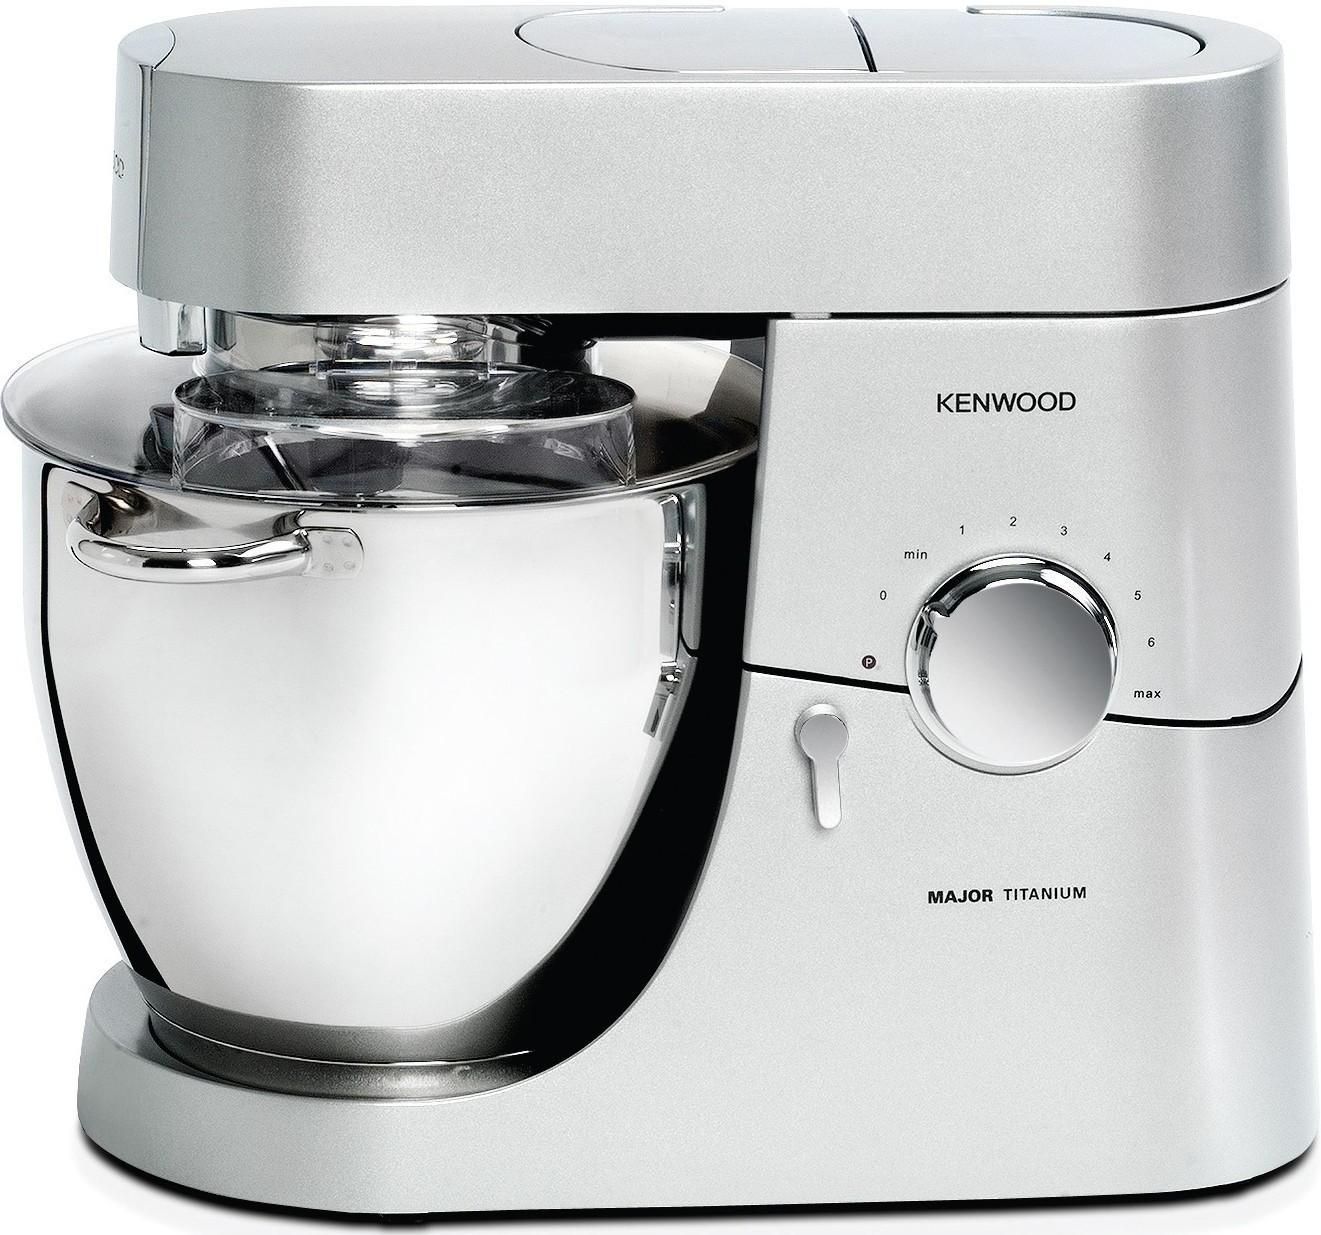 Alle nye Best pris på kjøkkenmaskin - Se priser før kjøp i Prisguiden IF-66